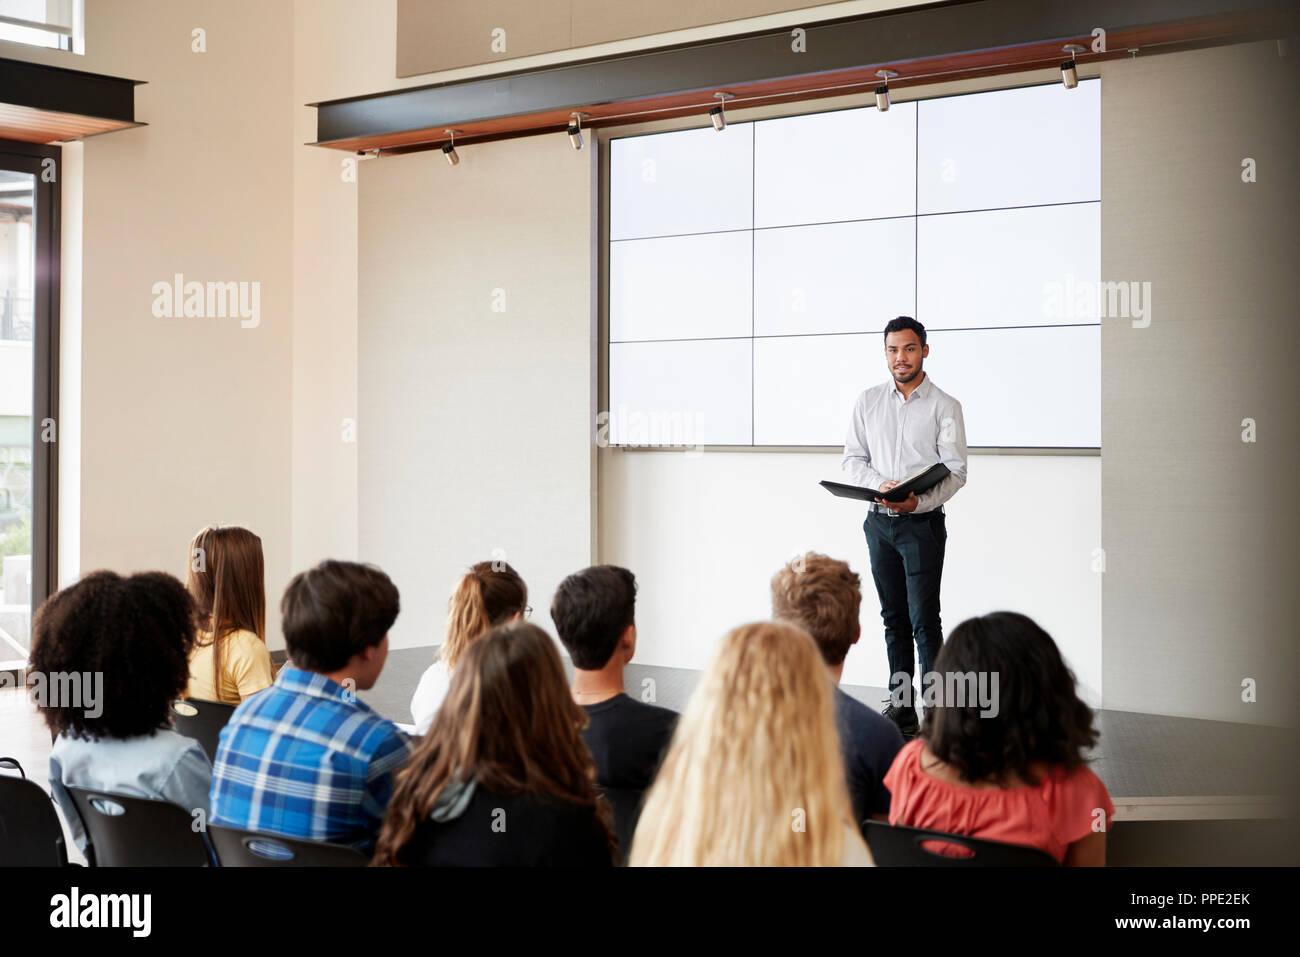 Lehrer, die Präsentation zur High School Klasse Vor der Bildfläche Stockfoto